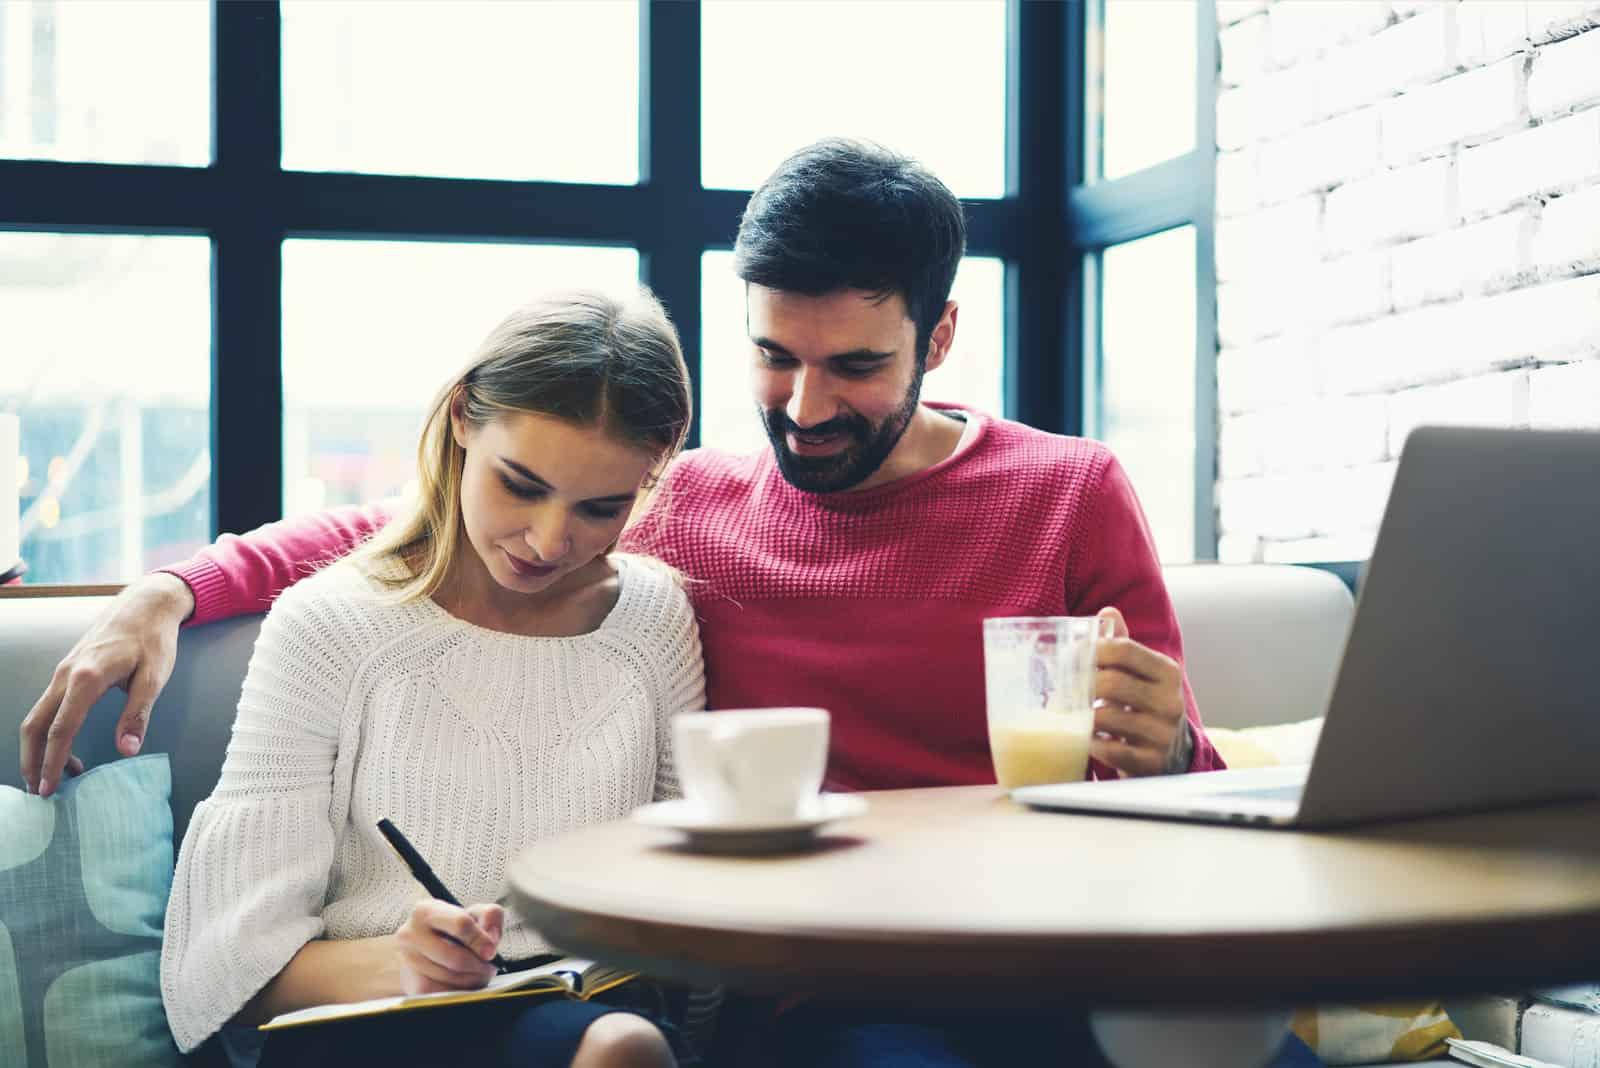 par sitter i mysiga kafé och spendera tid tillsammans